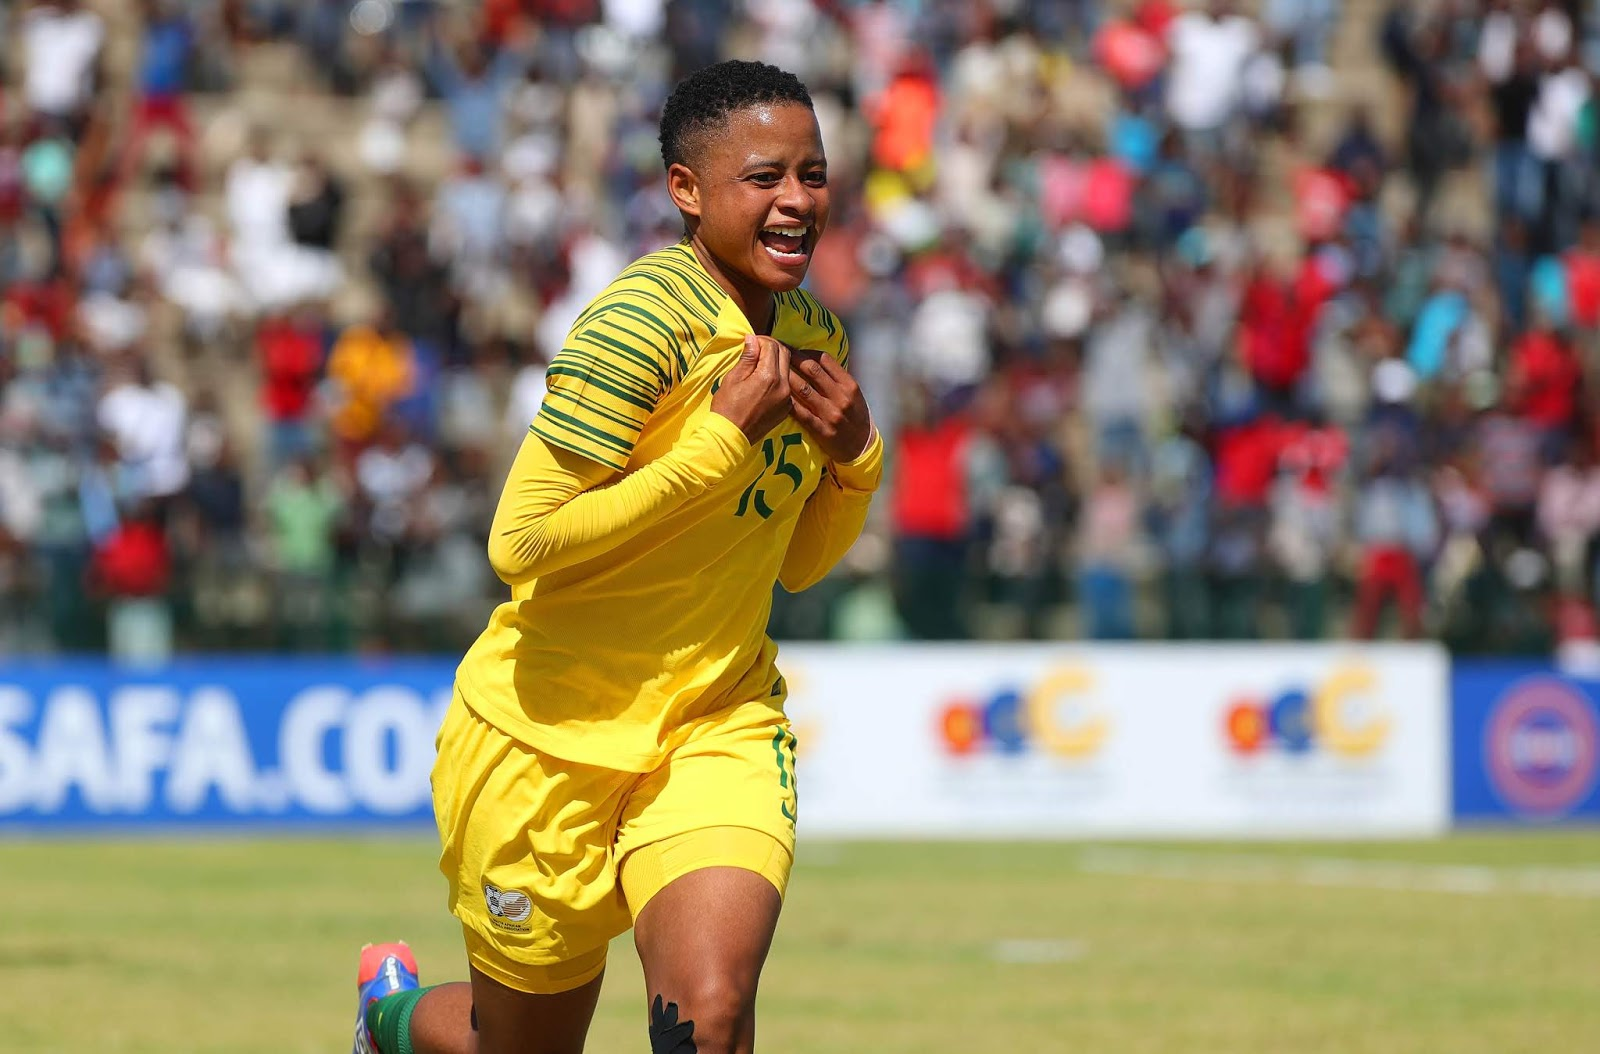 Refiloe Jane is a South African football midfielder